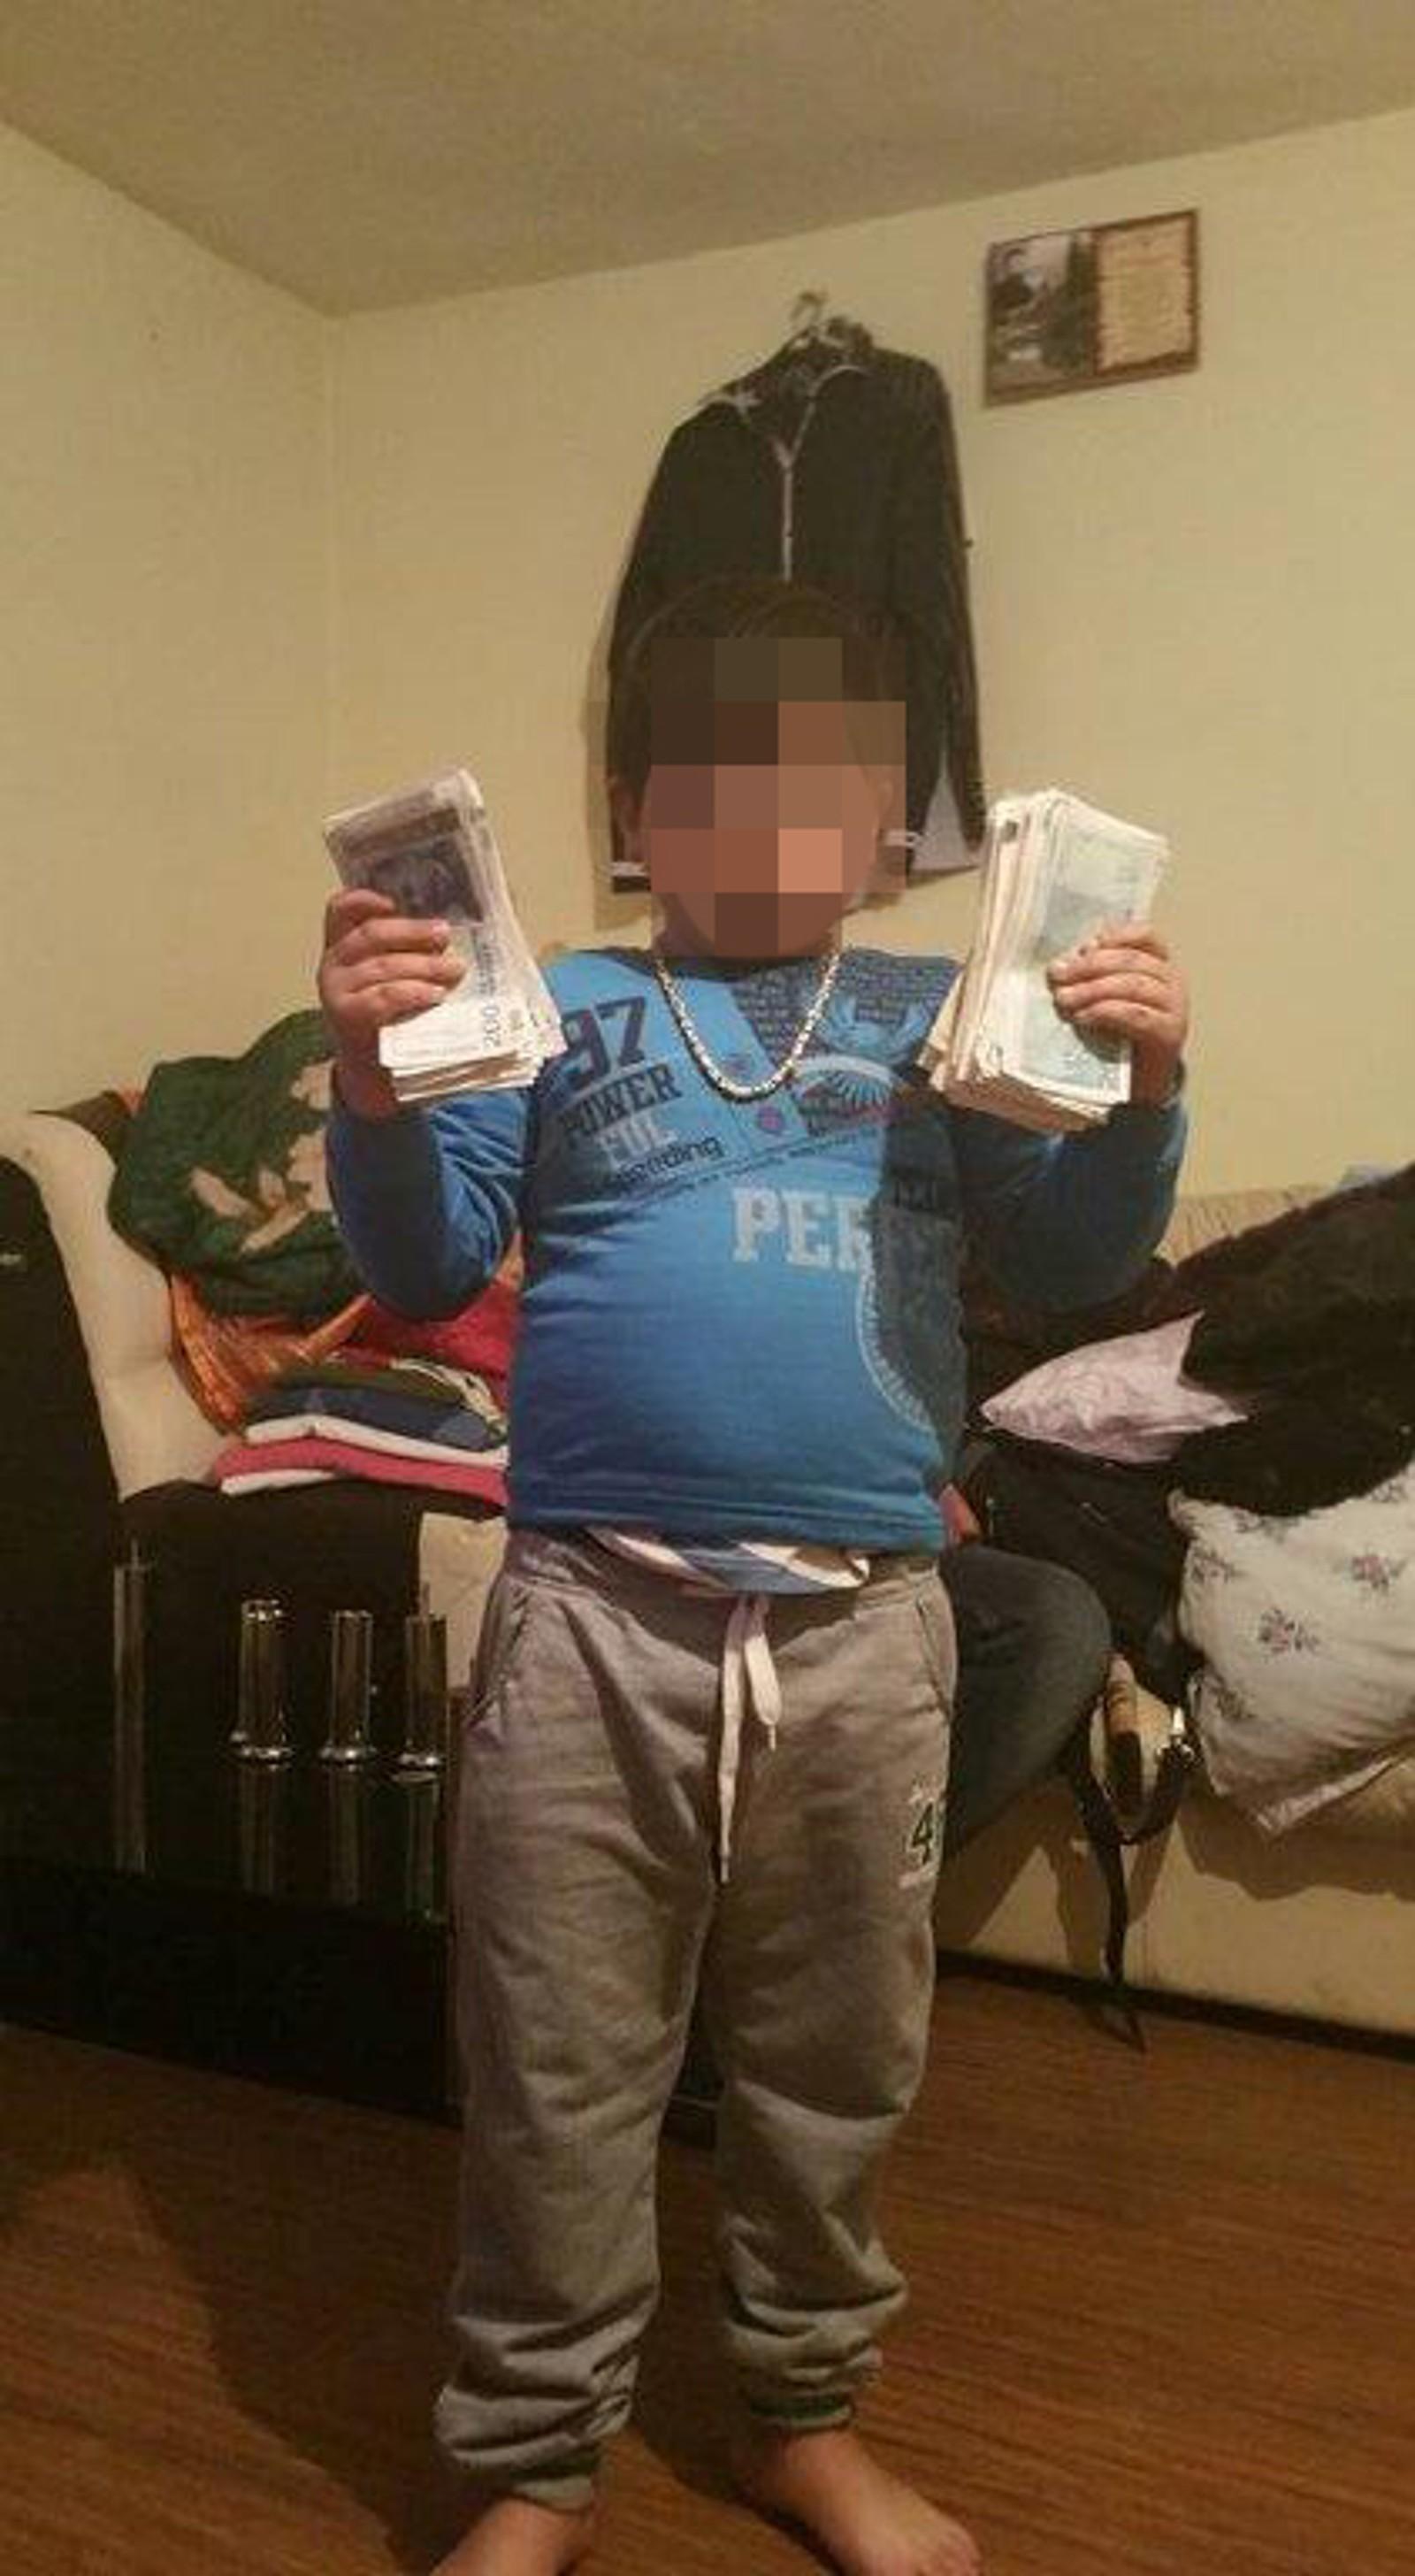 Flere legger også ut bilder av barna sine, som holder mye penger.